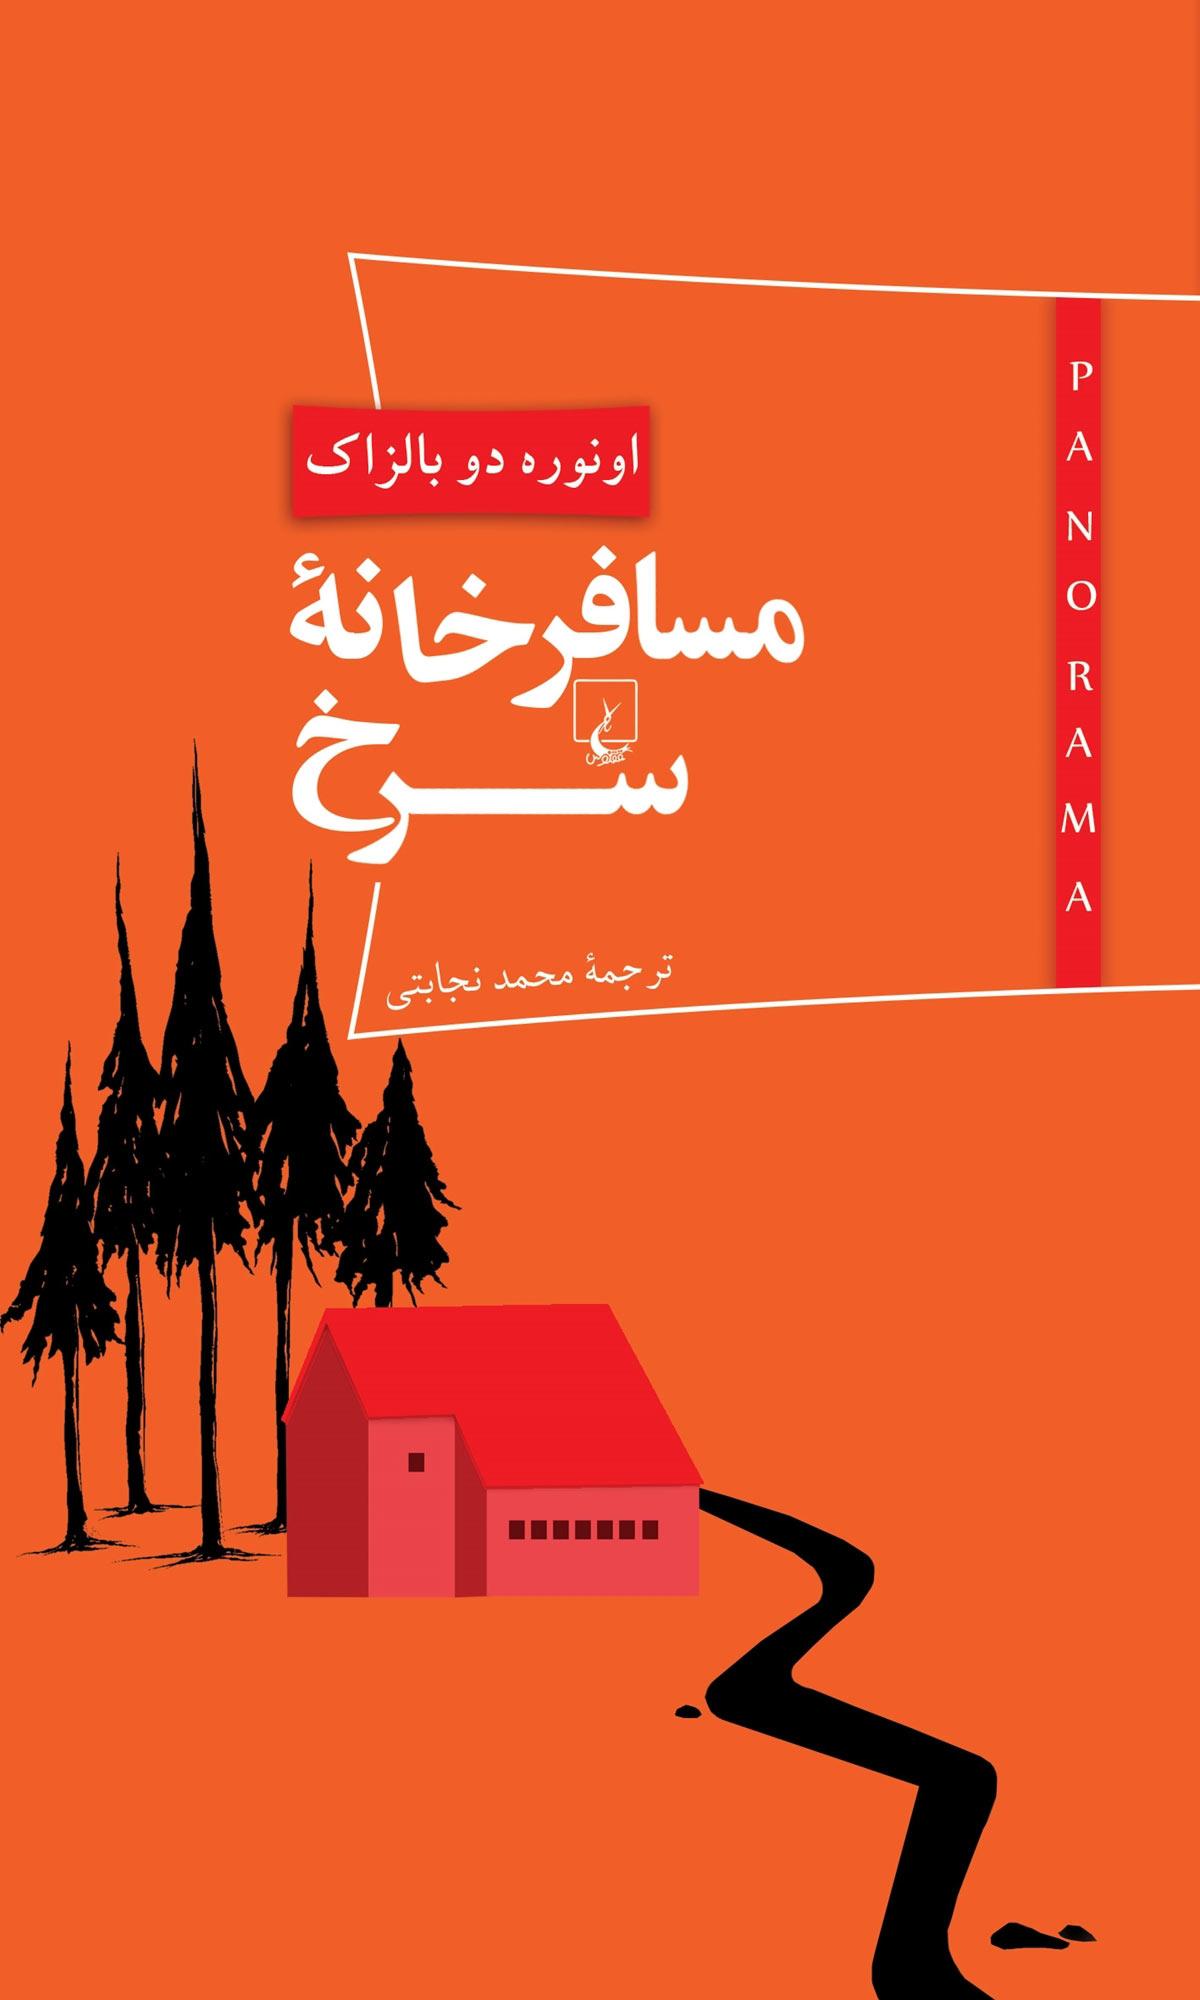 کتاب مسافرخانه سرخ